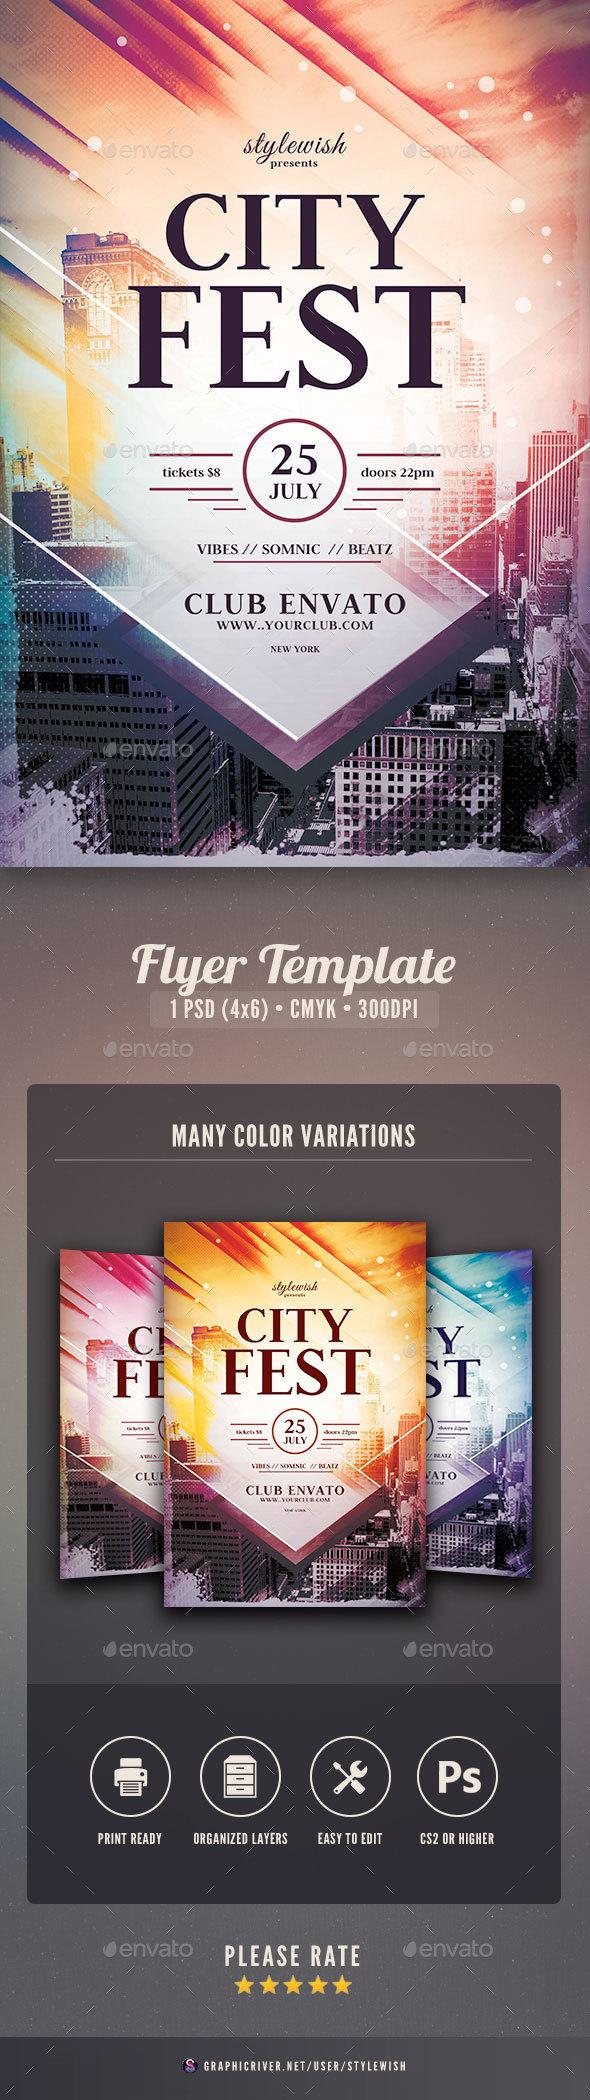 City Fest Flyer - Concerts Events